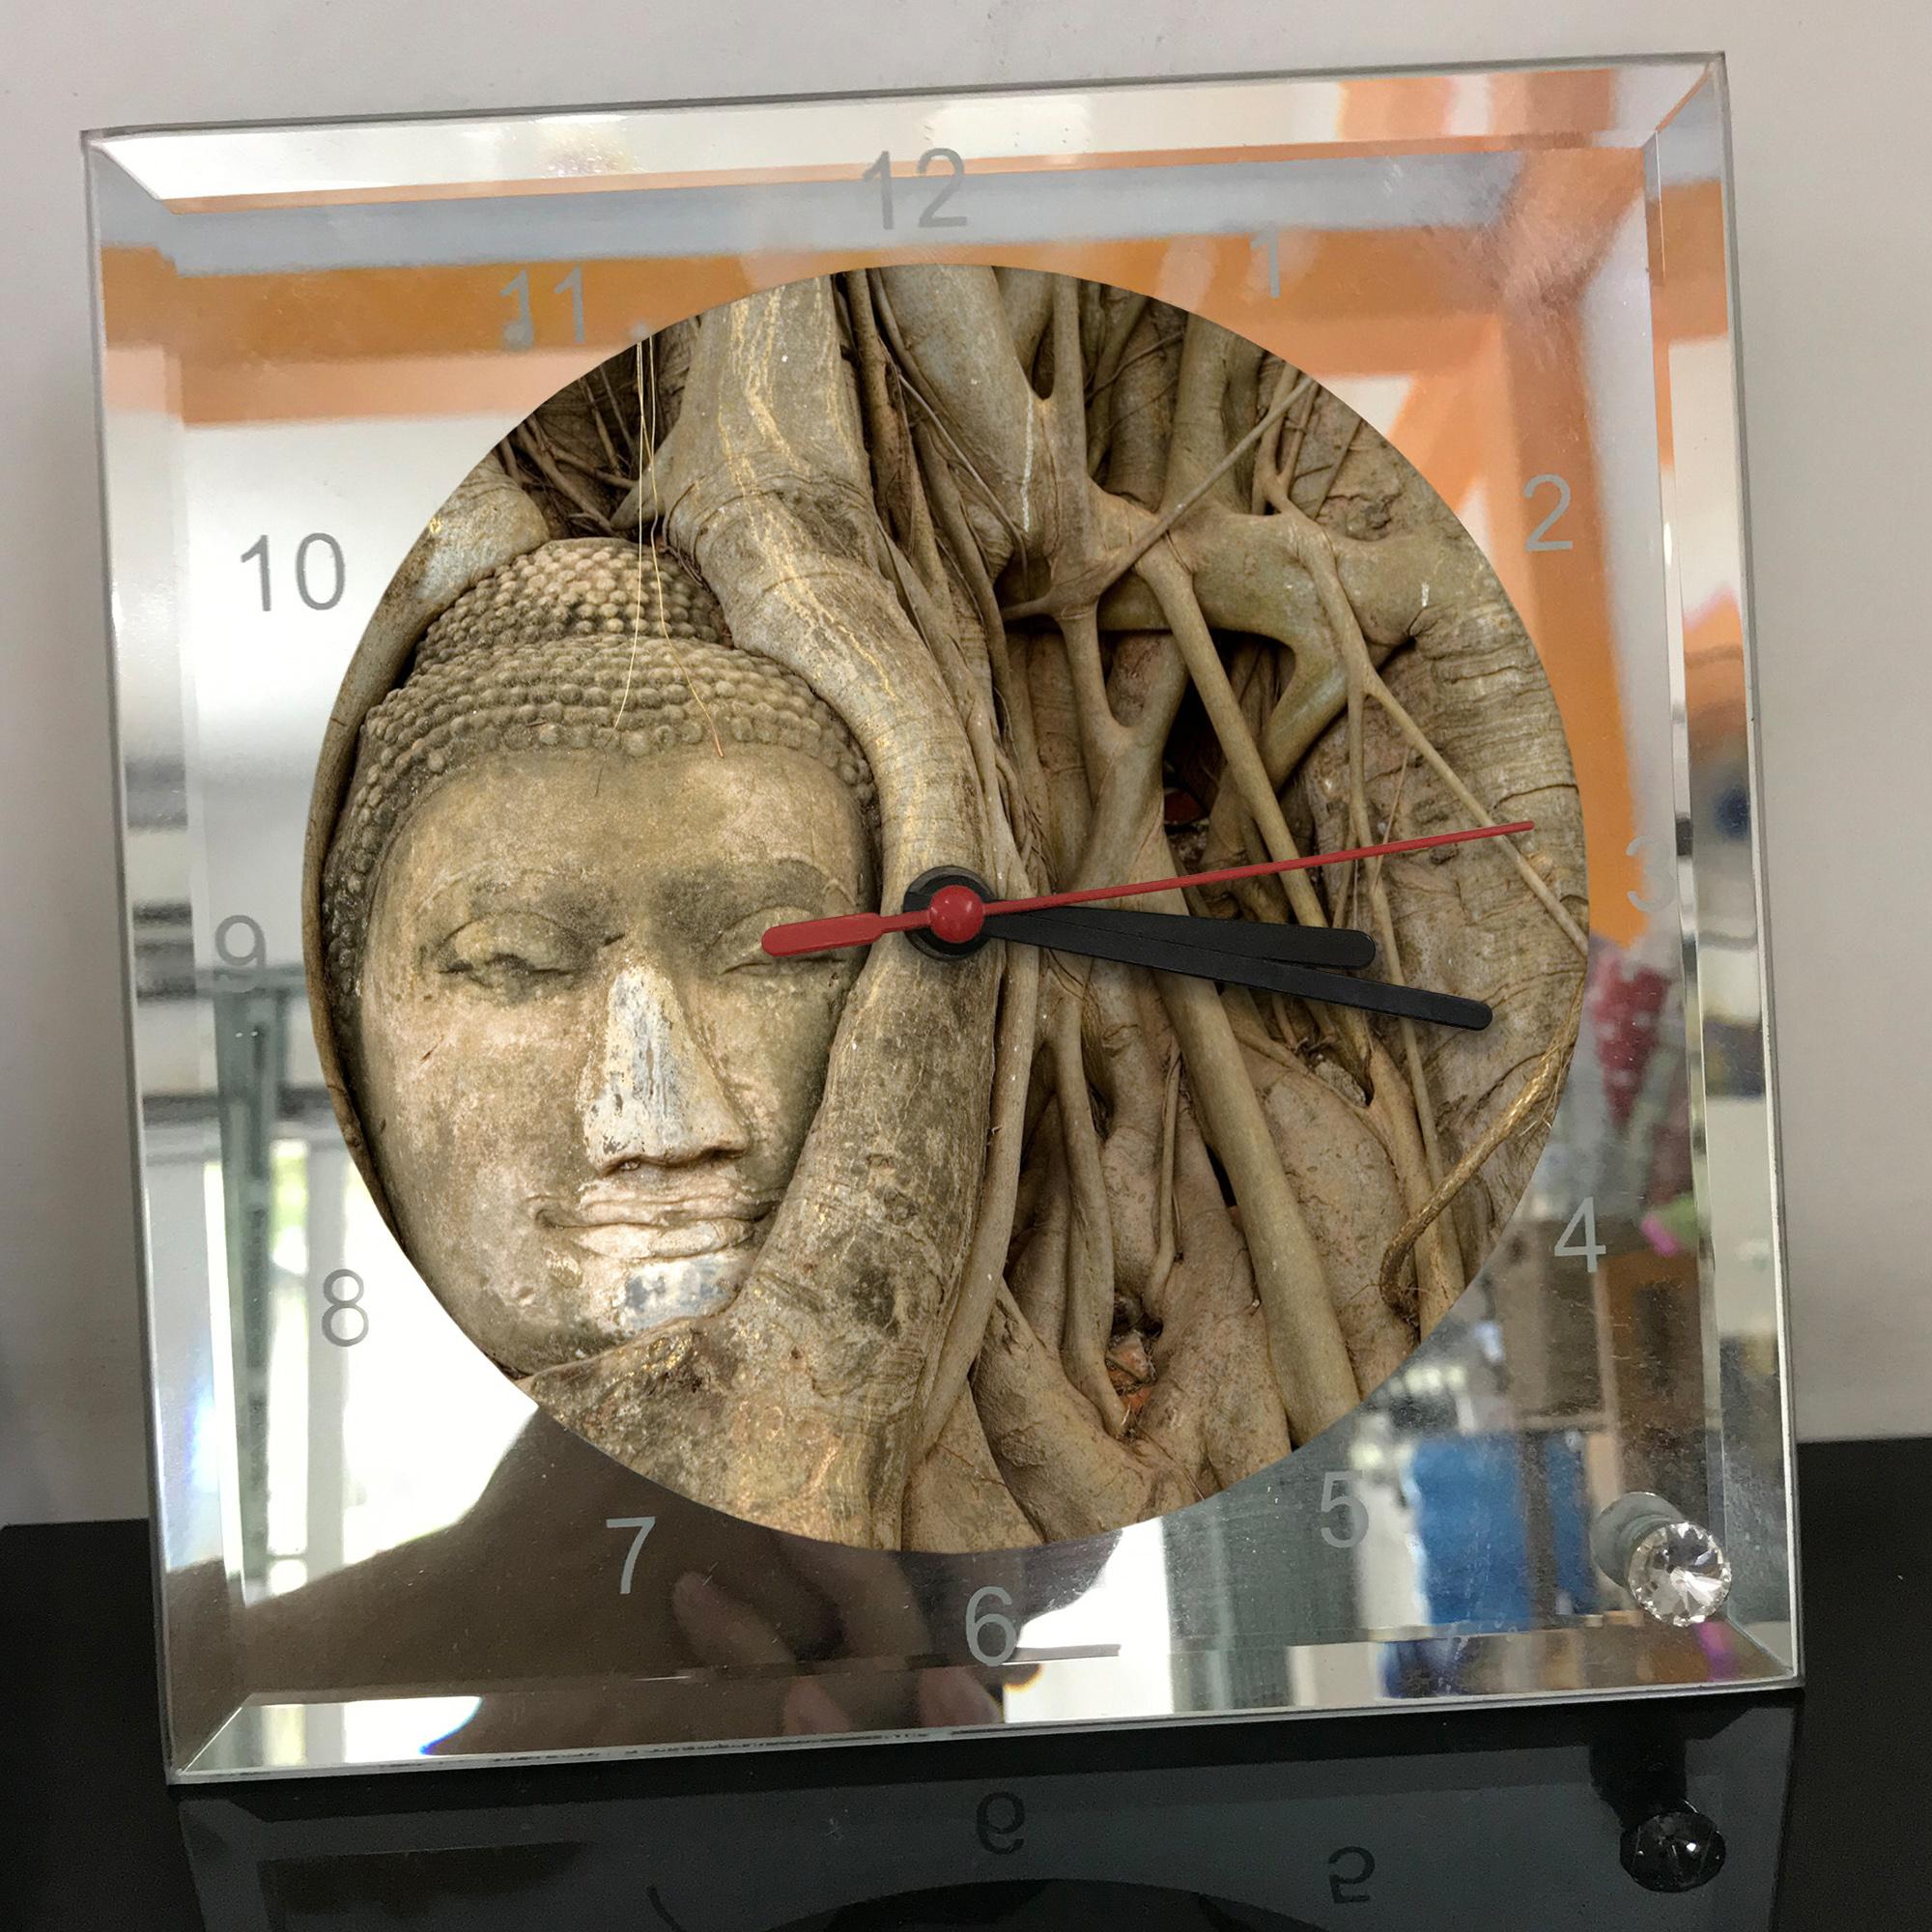 Đồng hồ thủy tinh vuông 20x20 in hình Buddhism - đạo phật (12) . Đồng hồ thủy tinh để bàn trang trí đẹp chủ đề tôn giáo